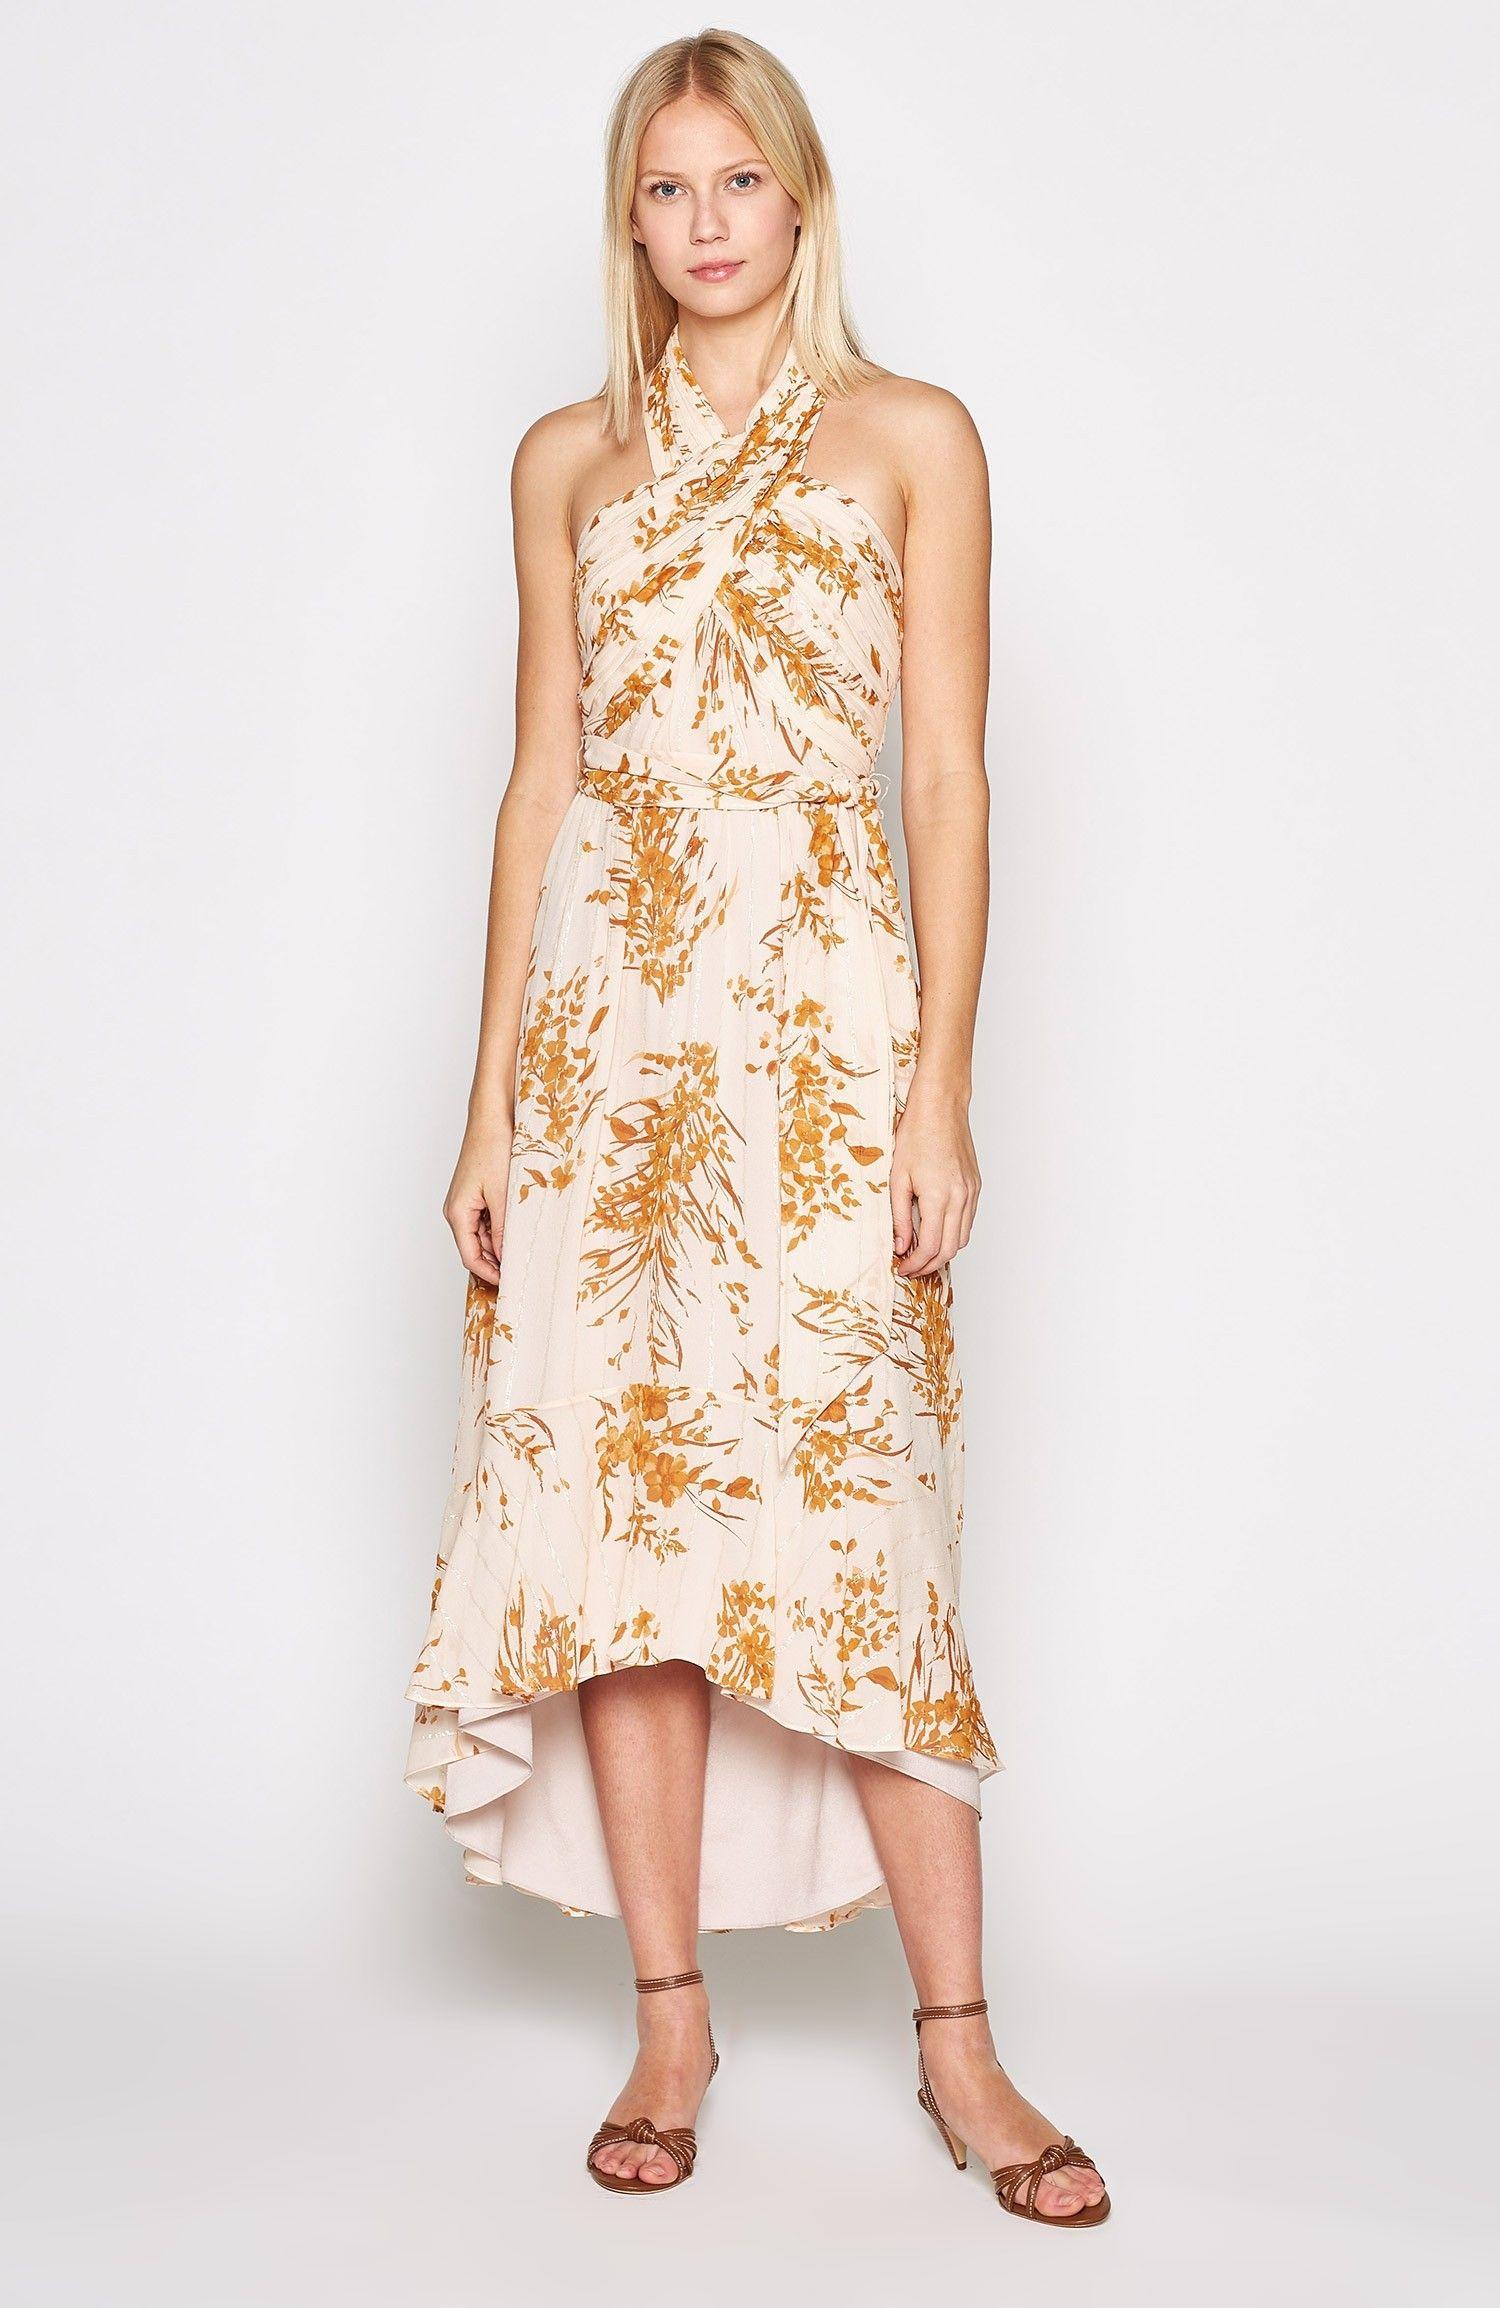 Vintage Torrente dress White silk dress silk Torrente dress short white dress short silk dress French silk dress white dress French couture